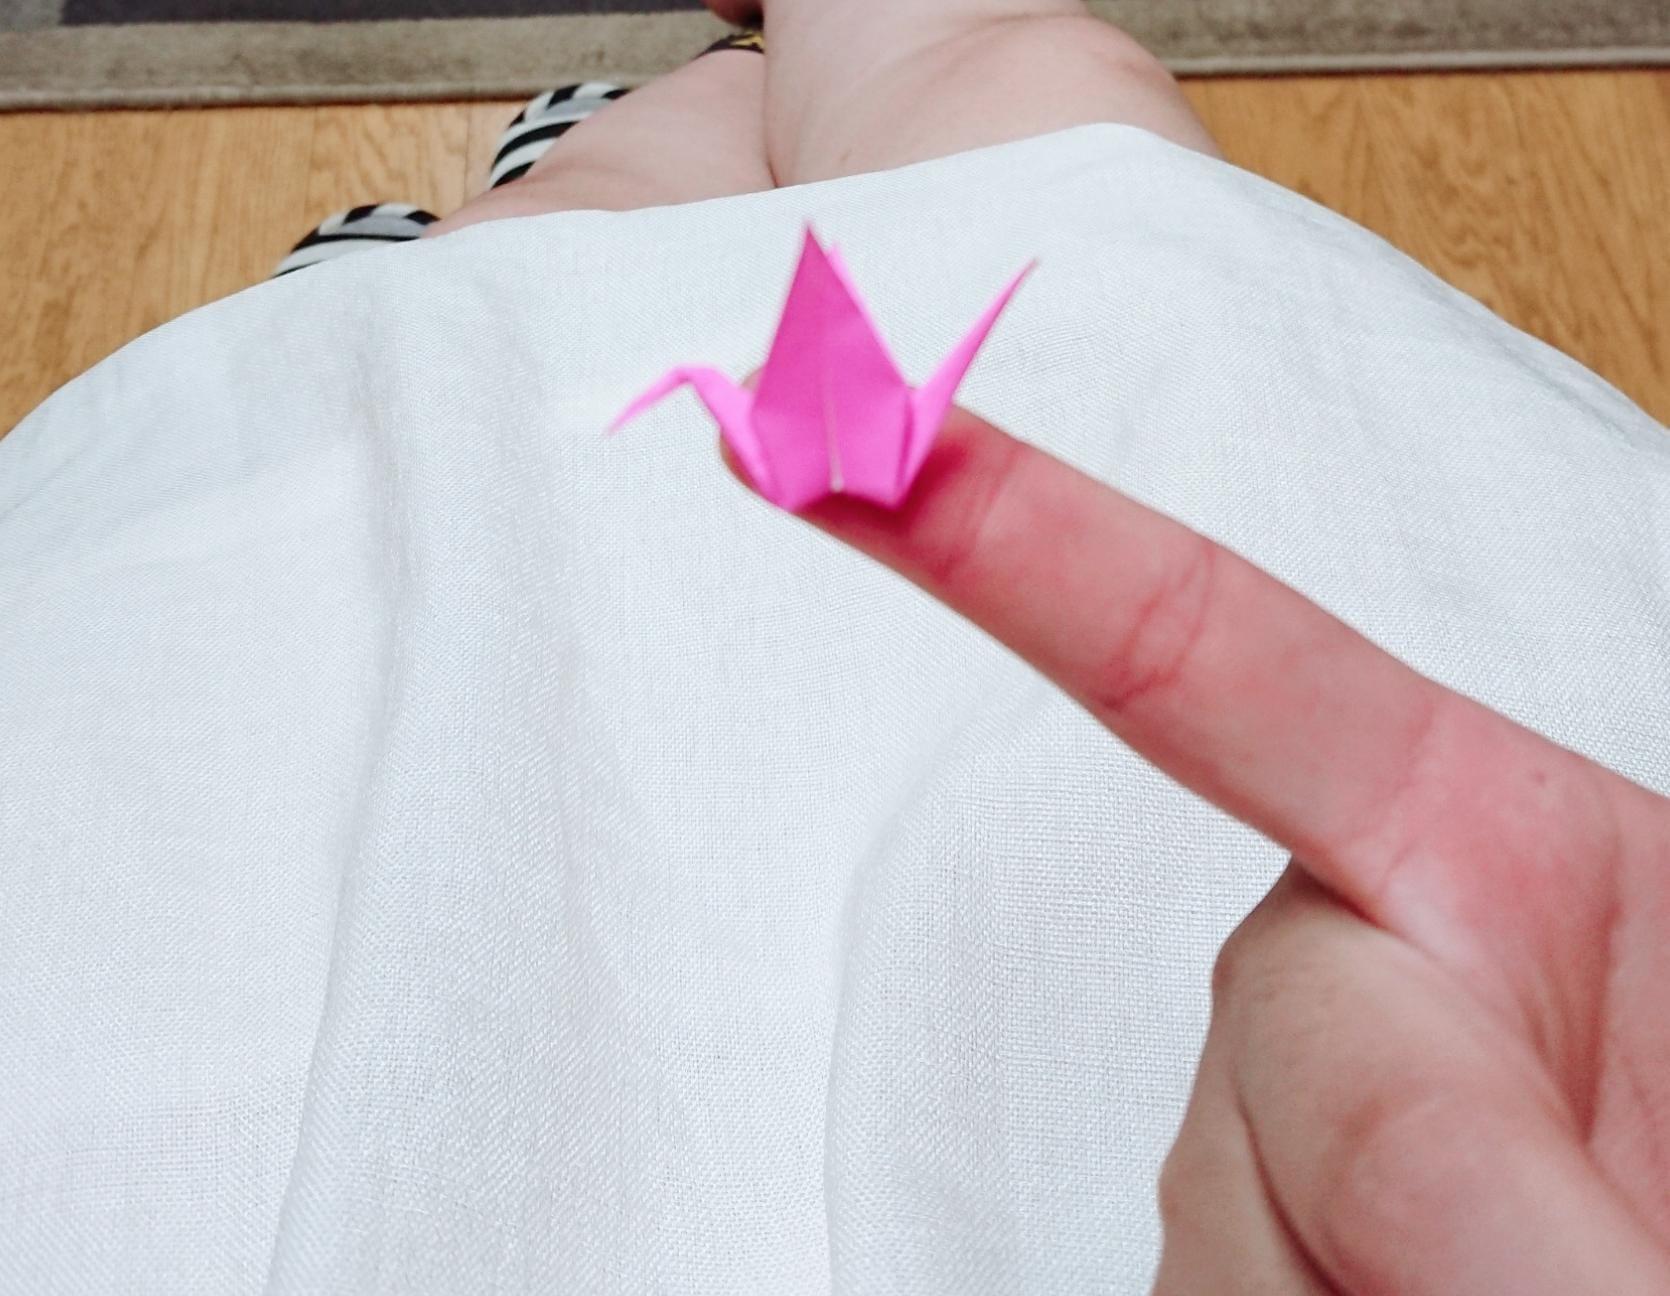 「折り紙!」09/23(月) 21:31 | みおんの写メ・風俗動画